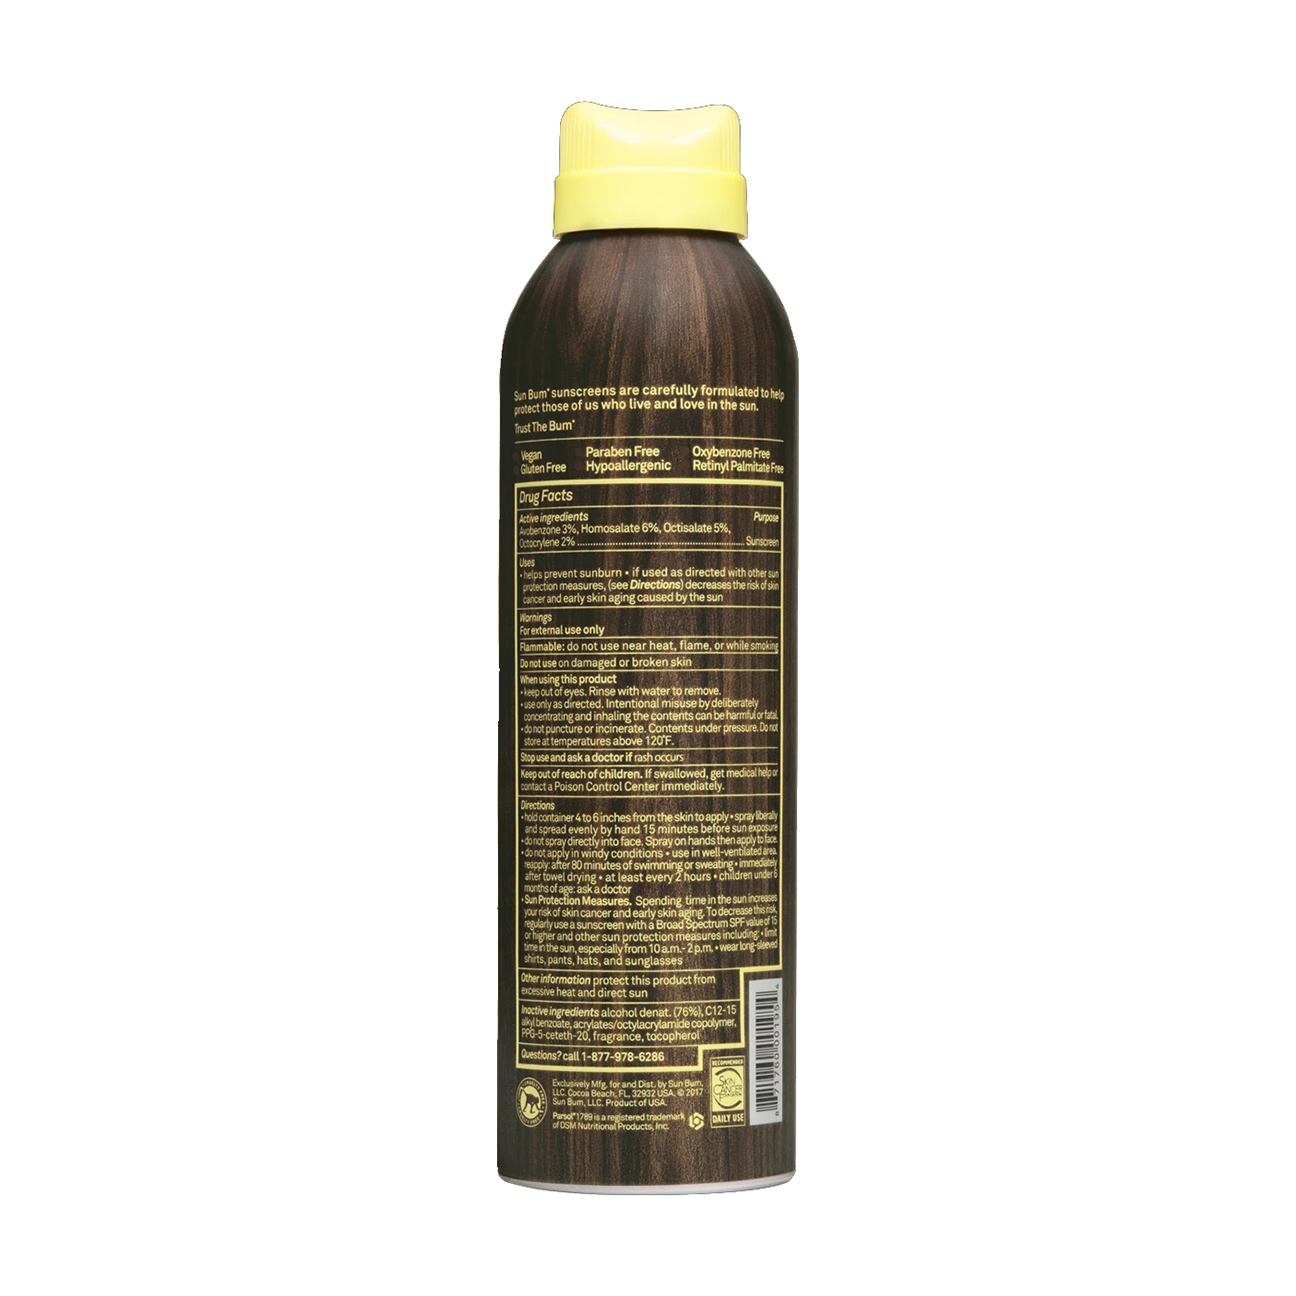 Original SPF 15 Sunscreen Spray, 6oz-2